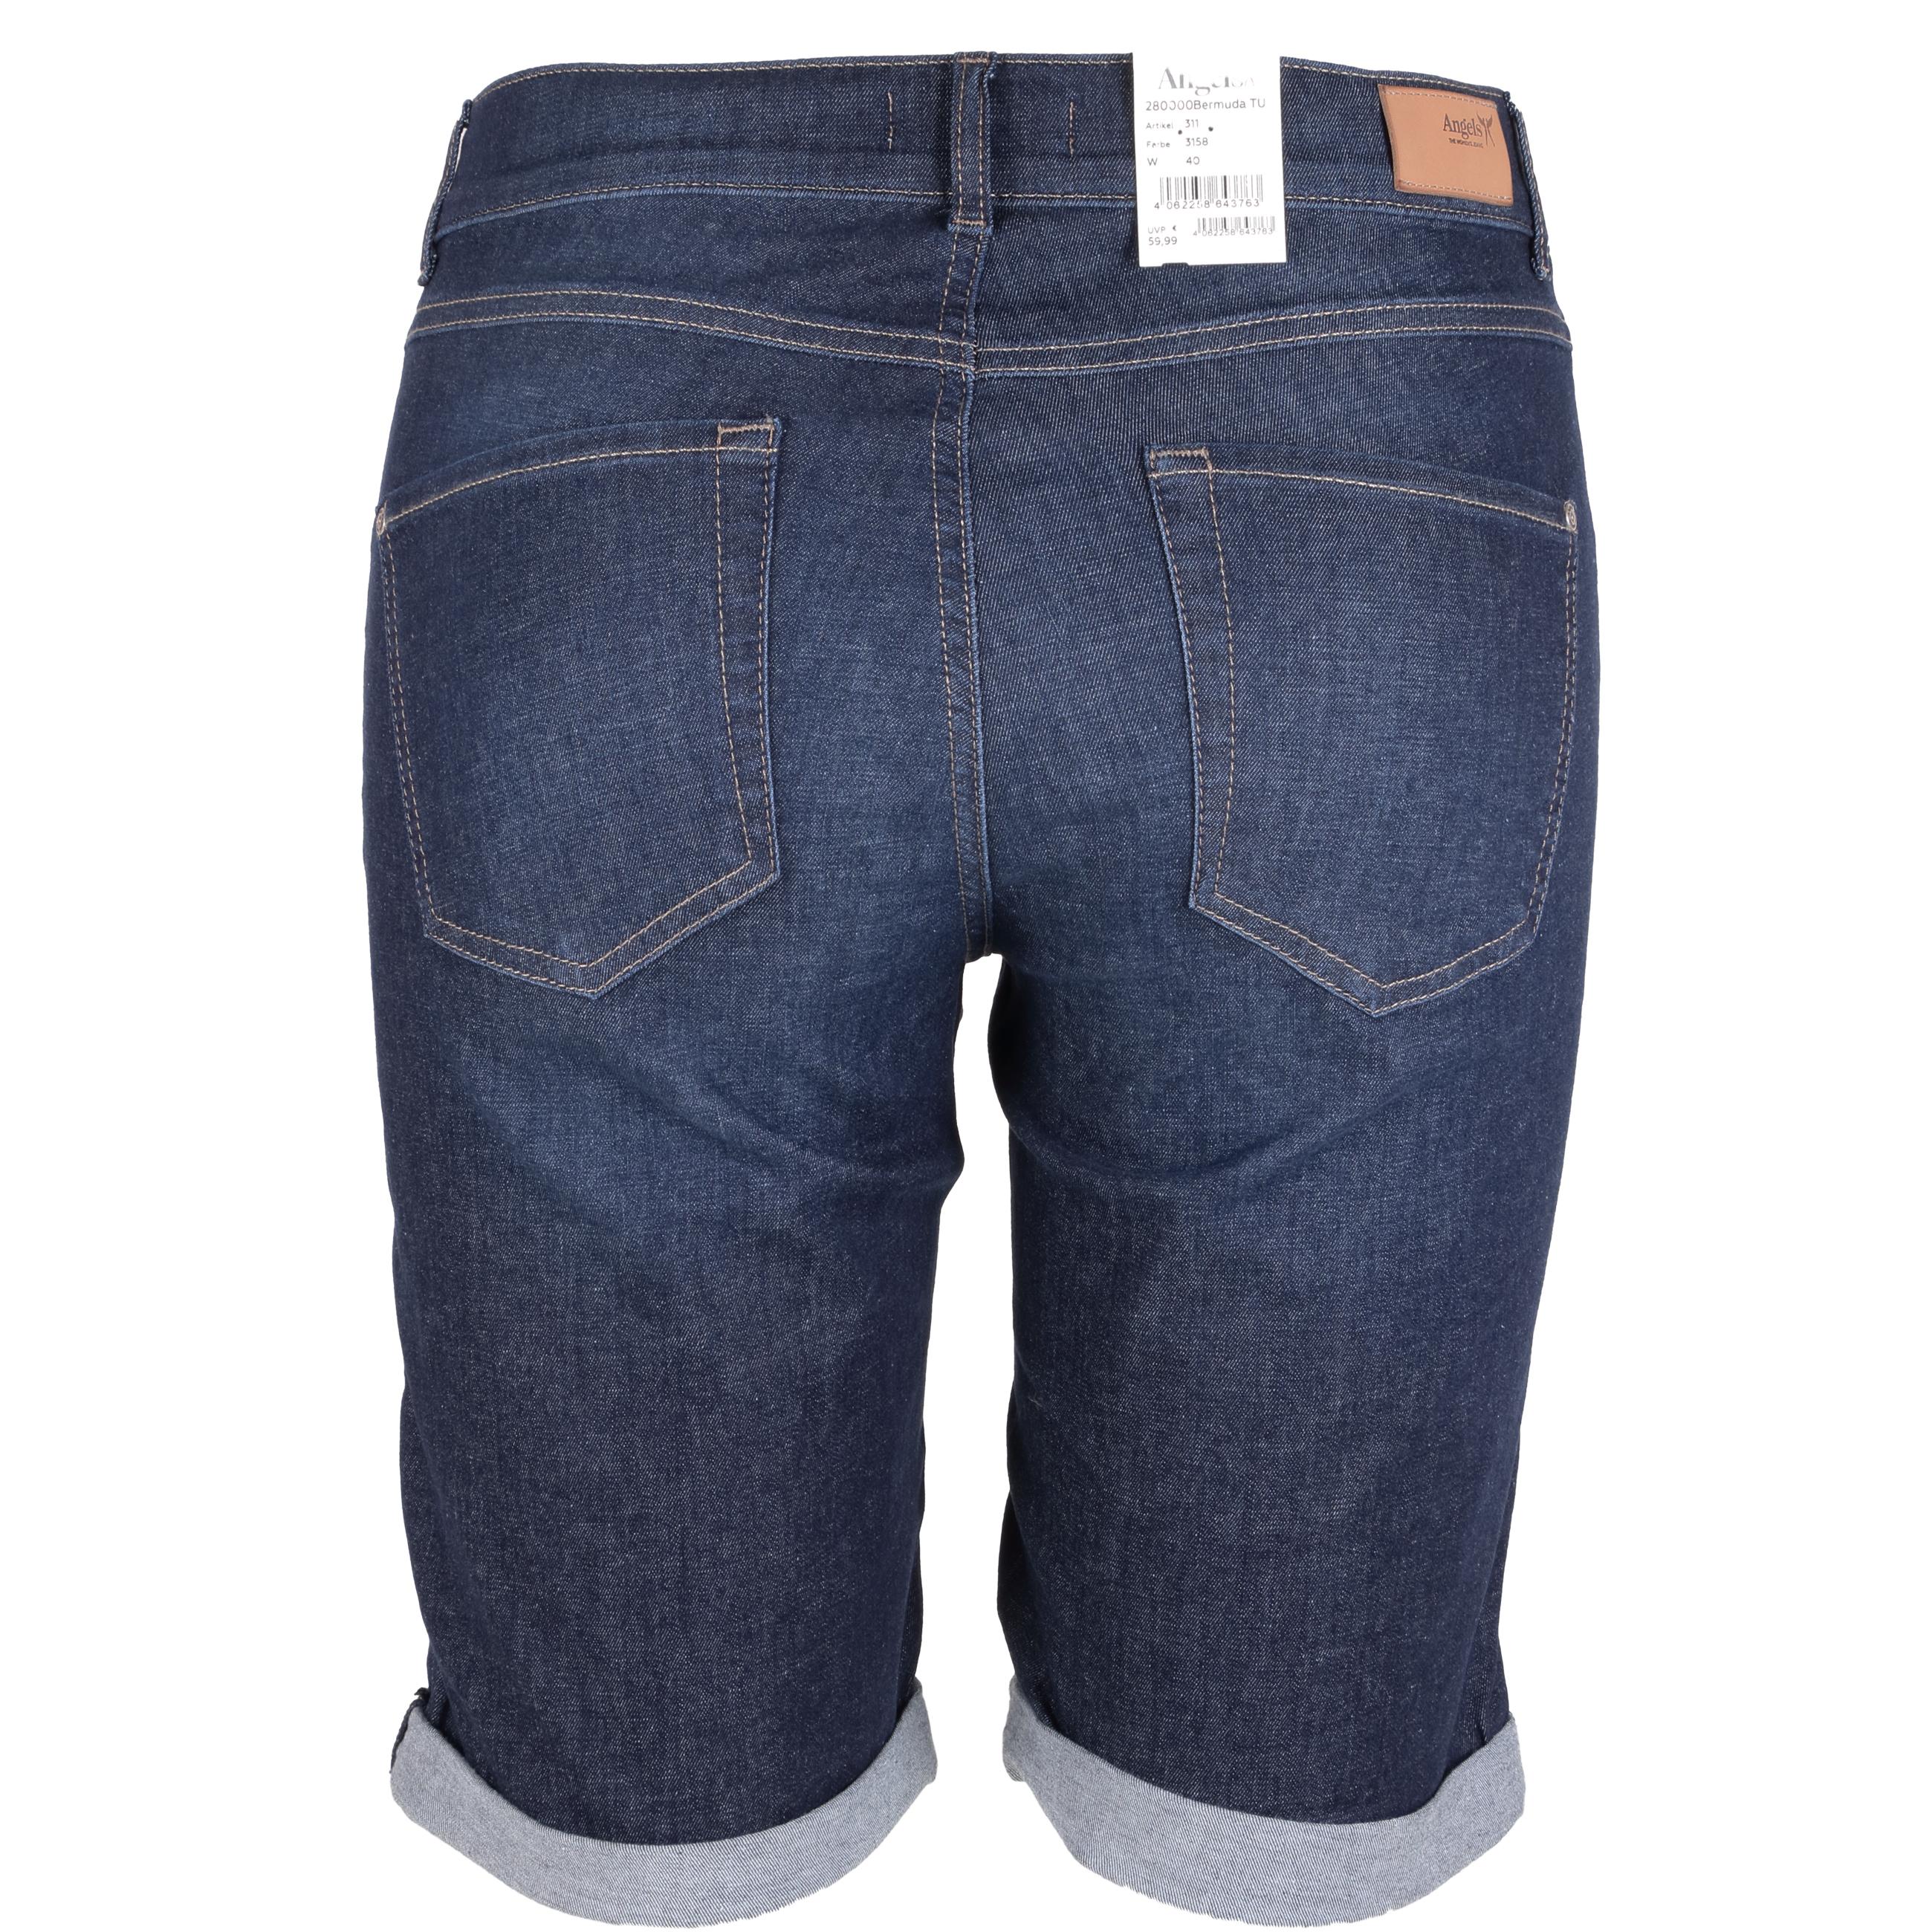 Angels Damen Bermuda Shorts TU 36 dunkelblau